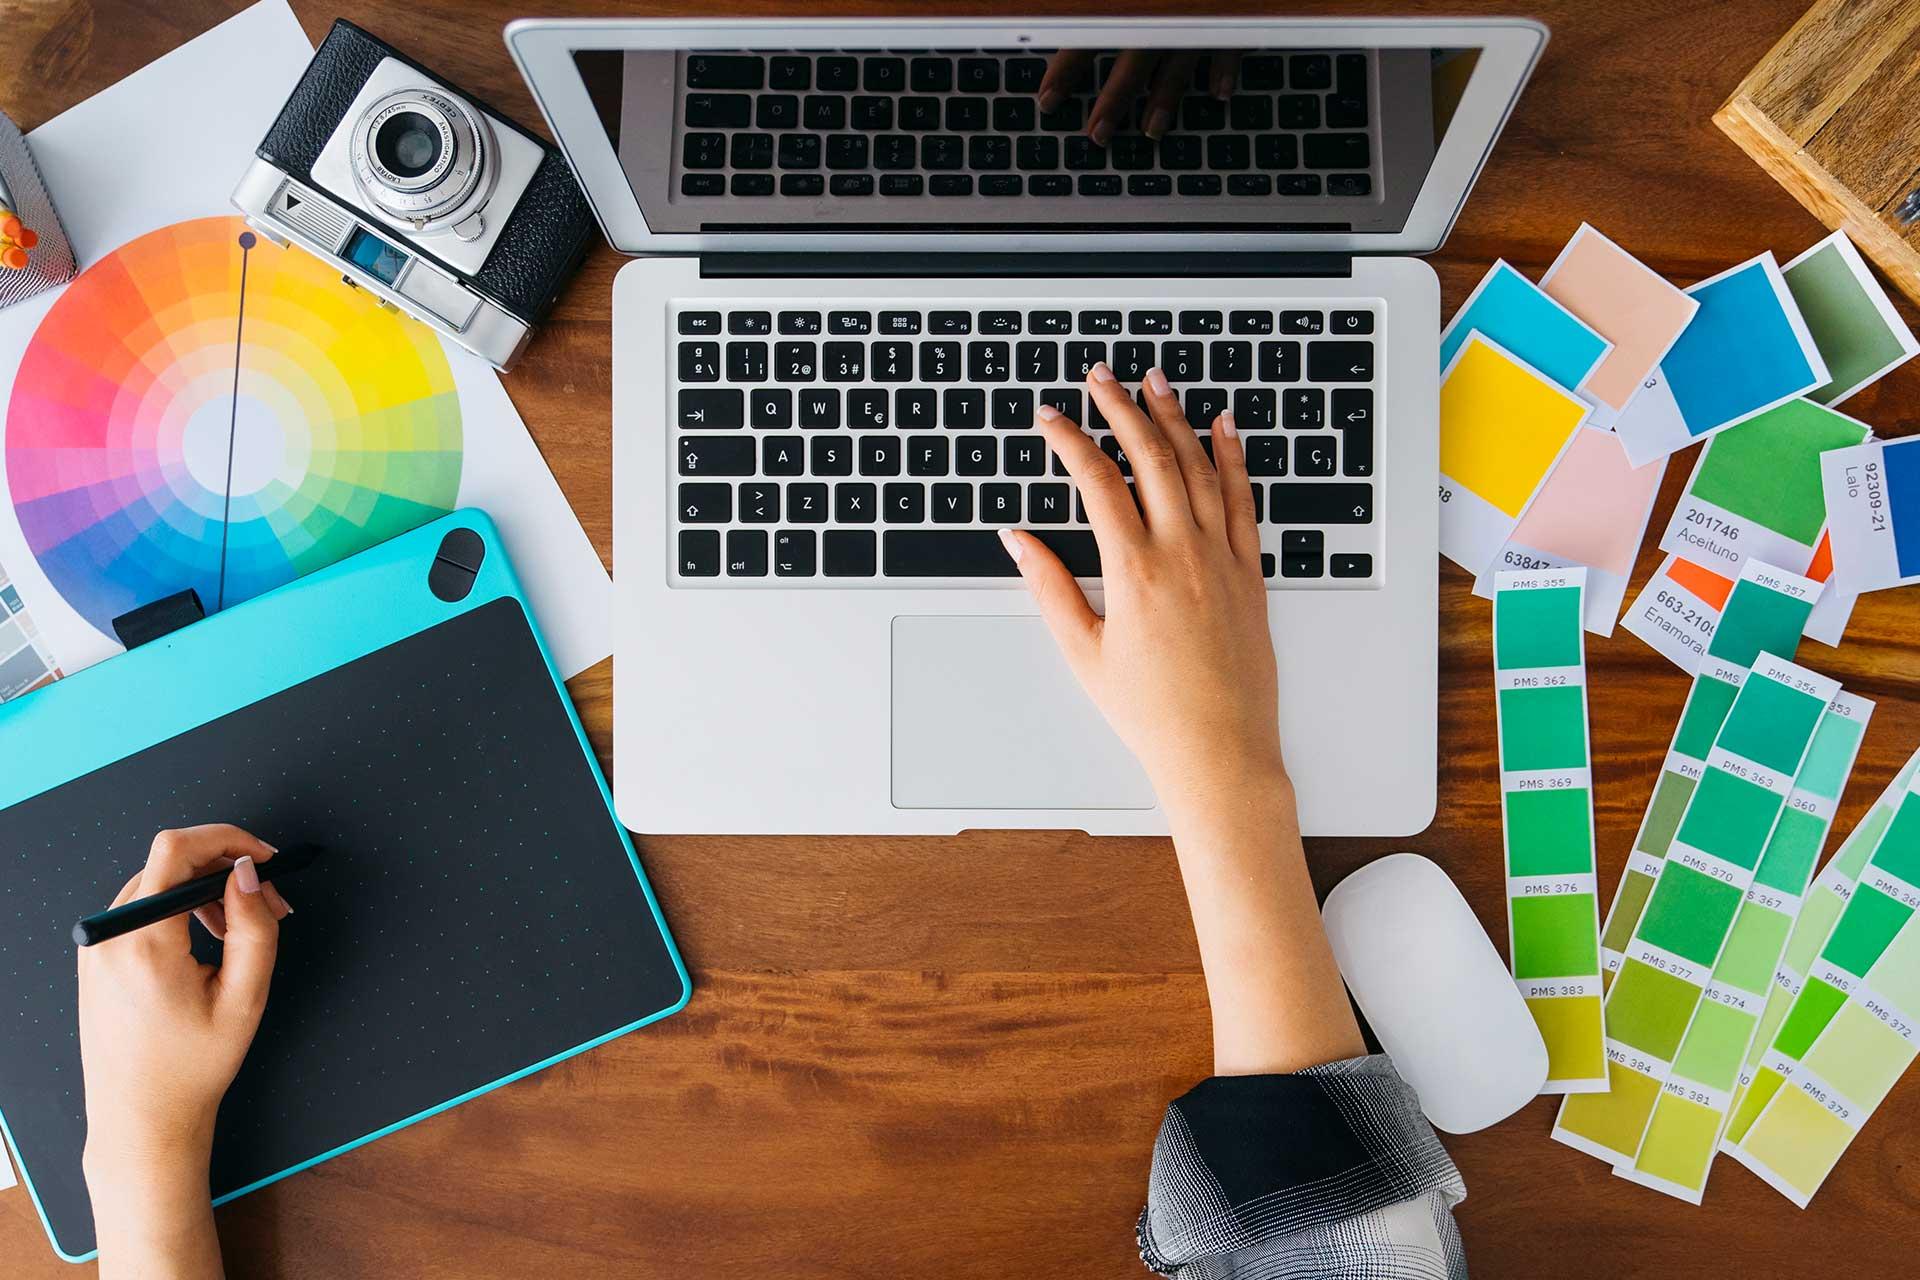 Marketing Digital Agencia Digital, Diseño de logotipo, diseno_de_logotipo_2_slider